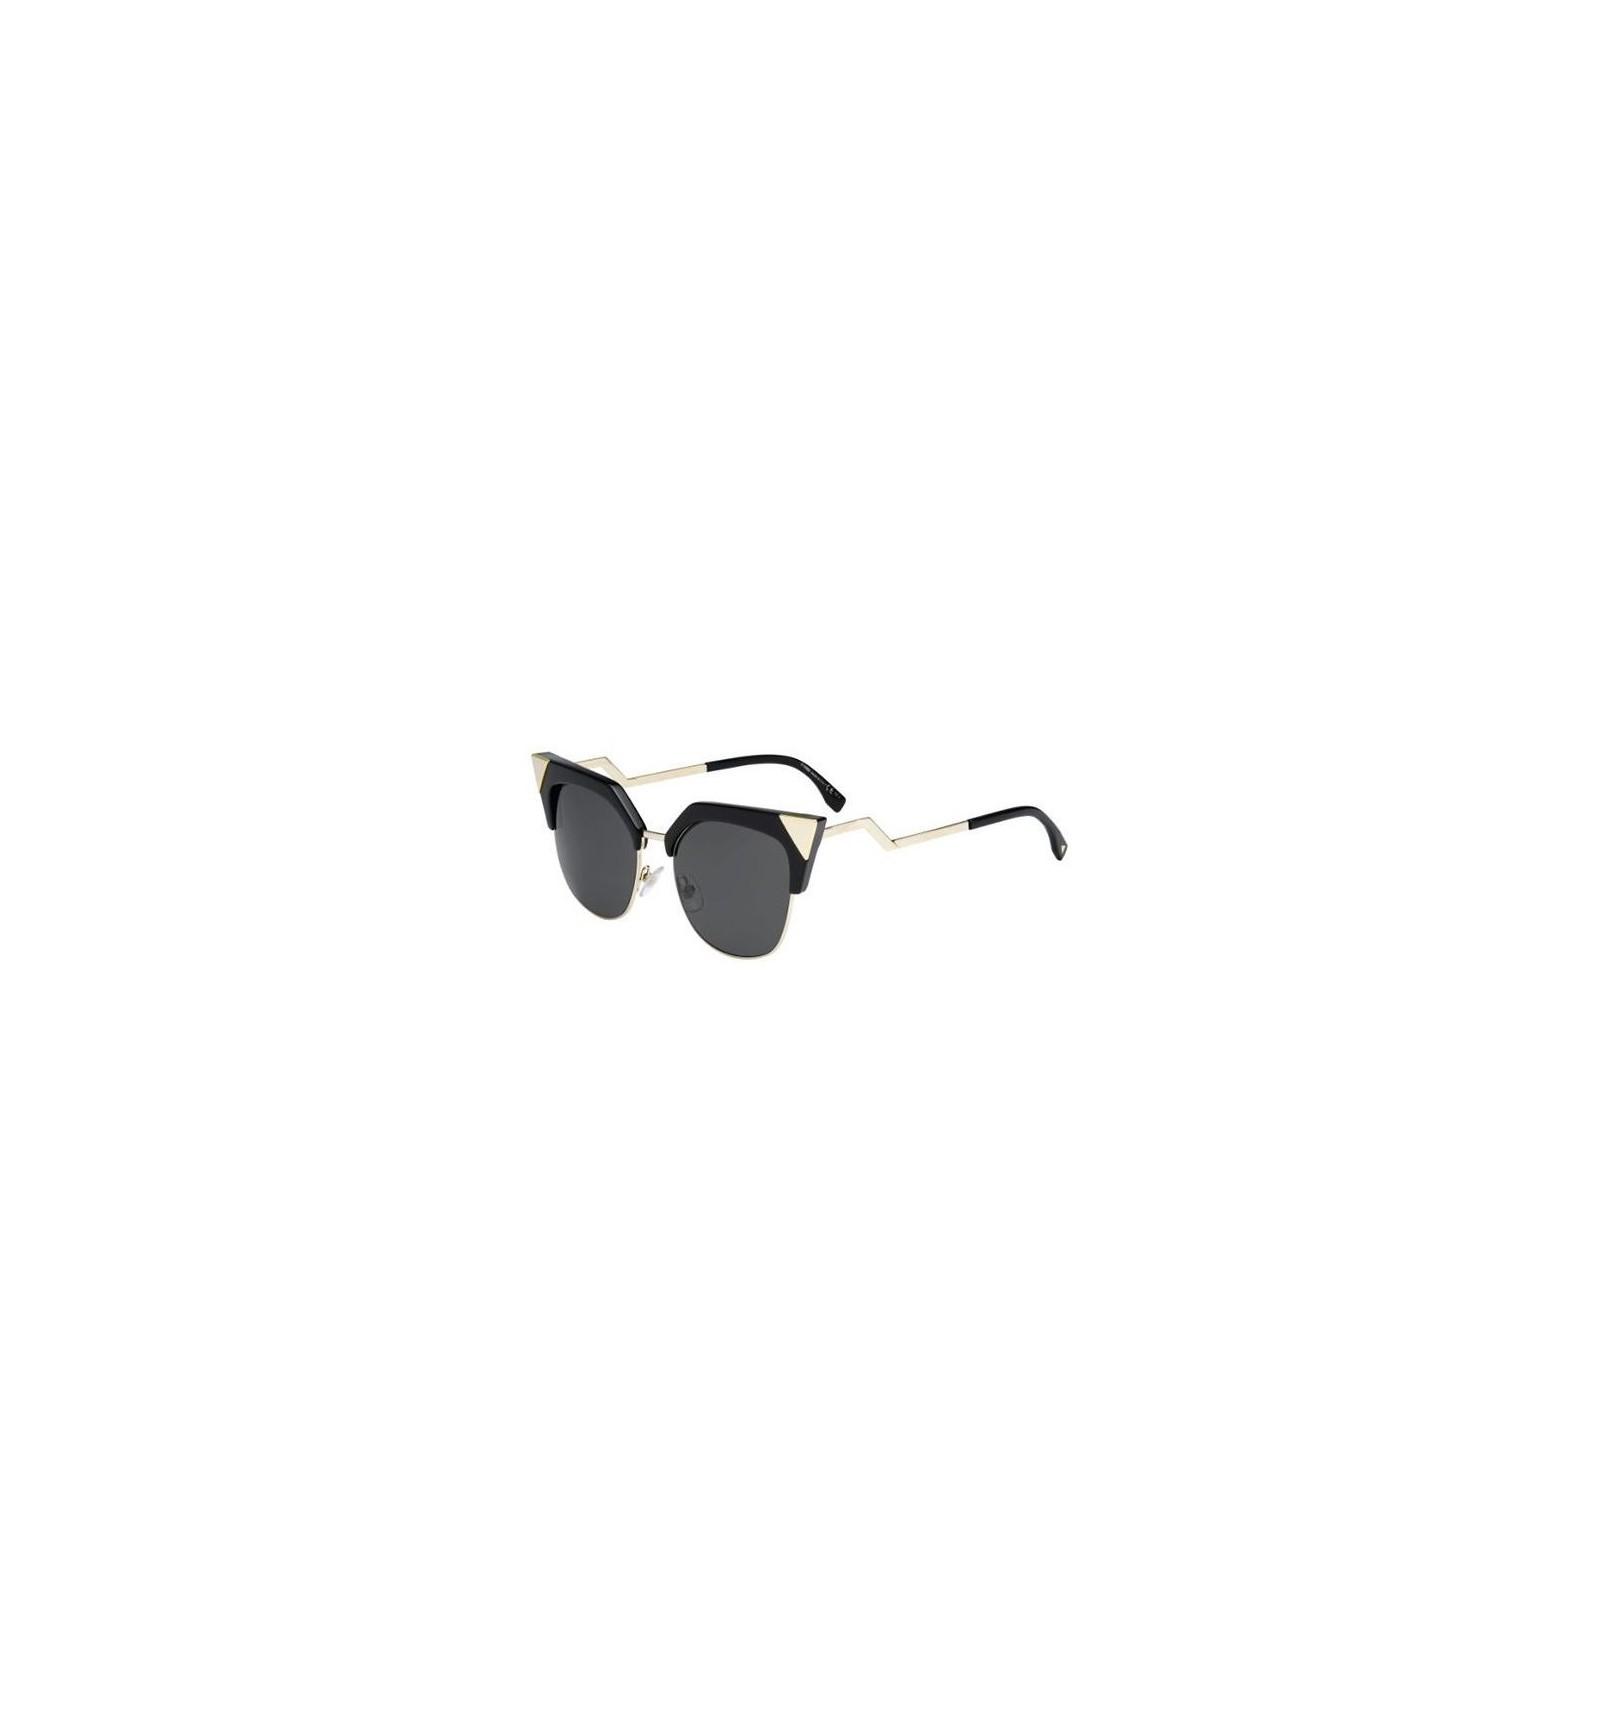 a81eee56a8 Iridia Grey sol Online de Black Fendi Gafas Gold Compra CxqtBwvnS1